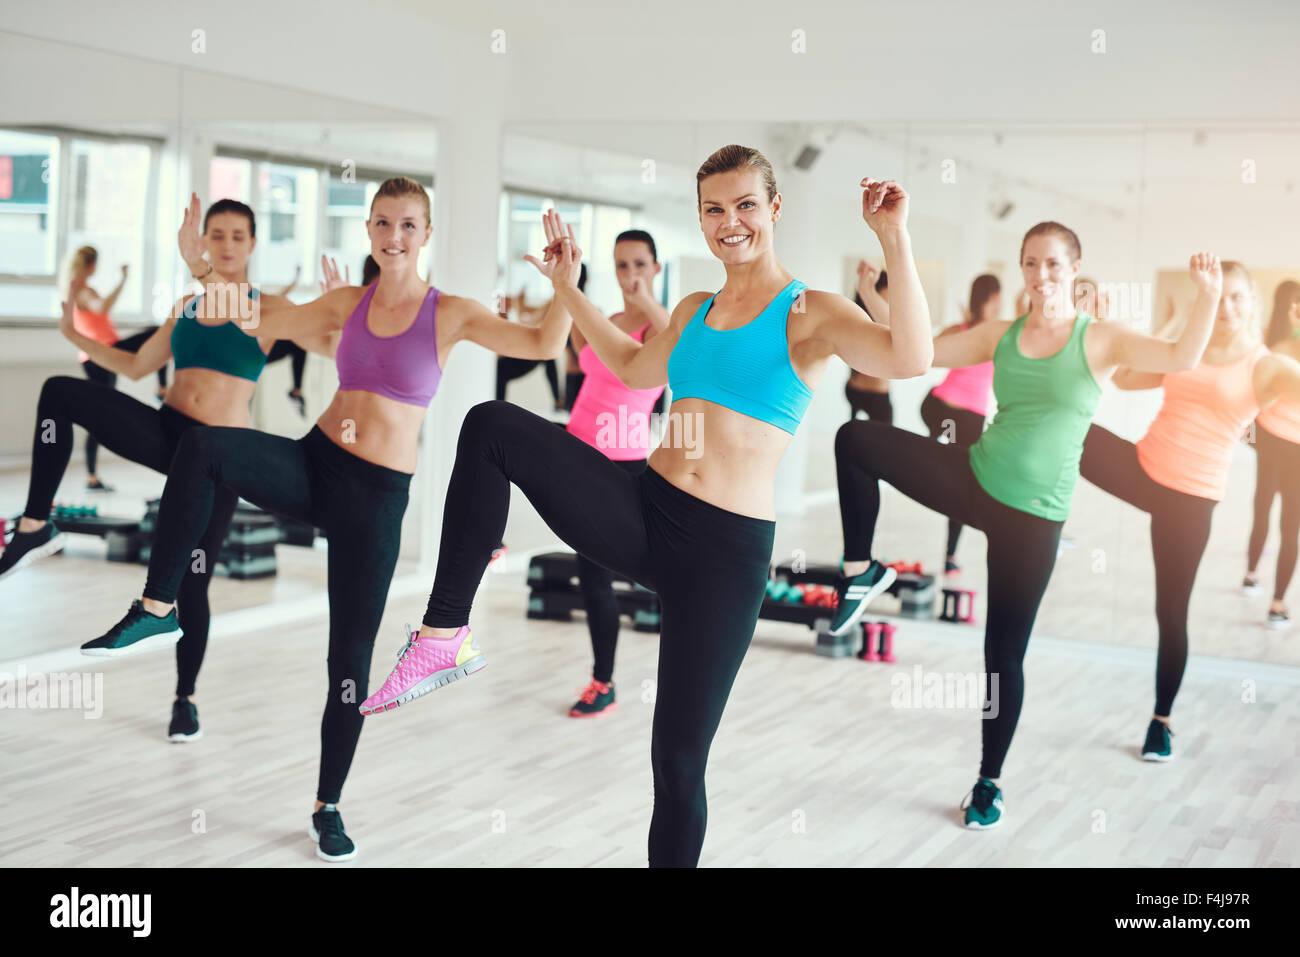 Große Gruppe von attraktiven Farbtönen passen junge Frauen genießen ein Aerobic Workout im Fitnessraum Stockbild